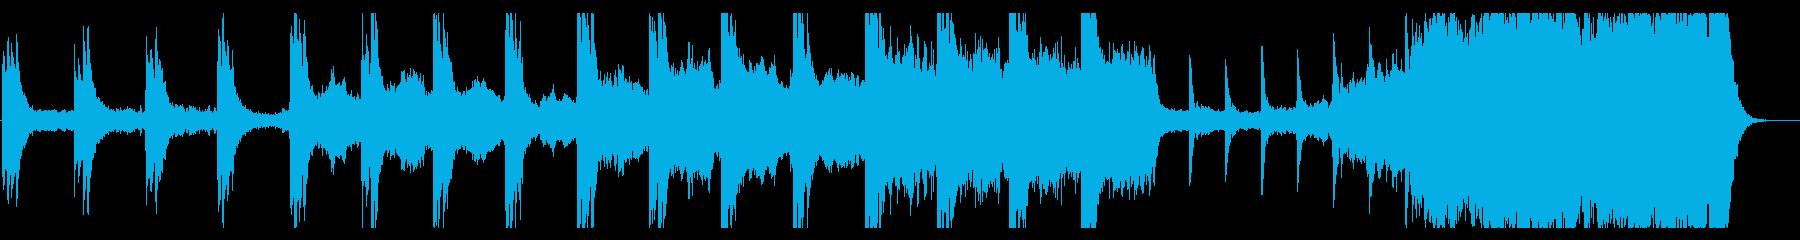 ノスタルジック懐かしい切ないピアノの再生済みの波形